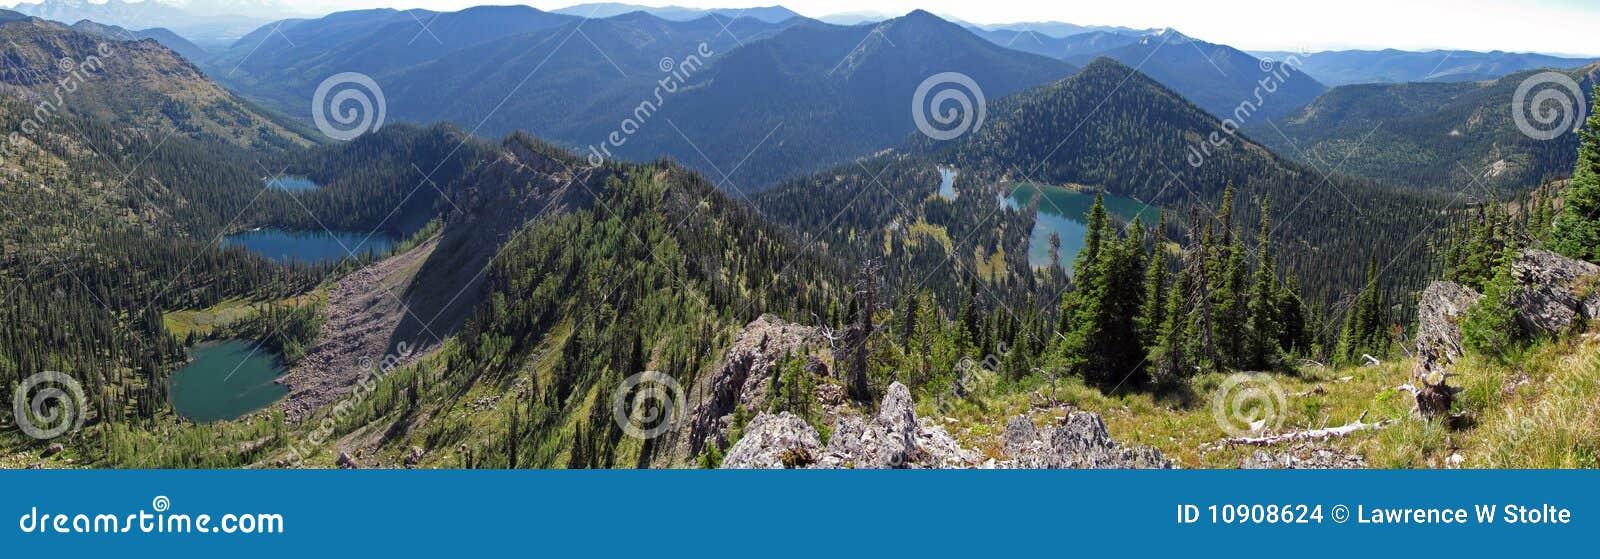 Vildmark för fyra lakes